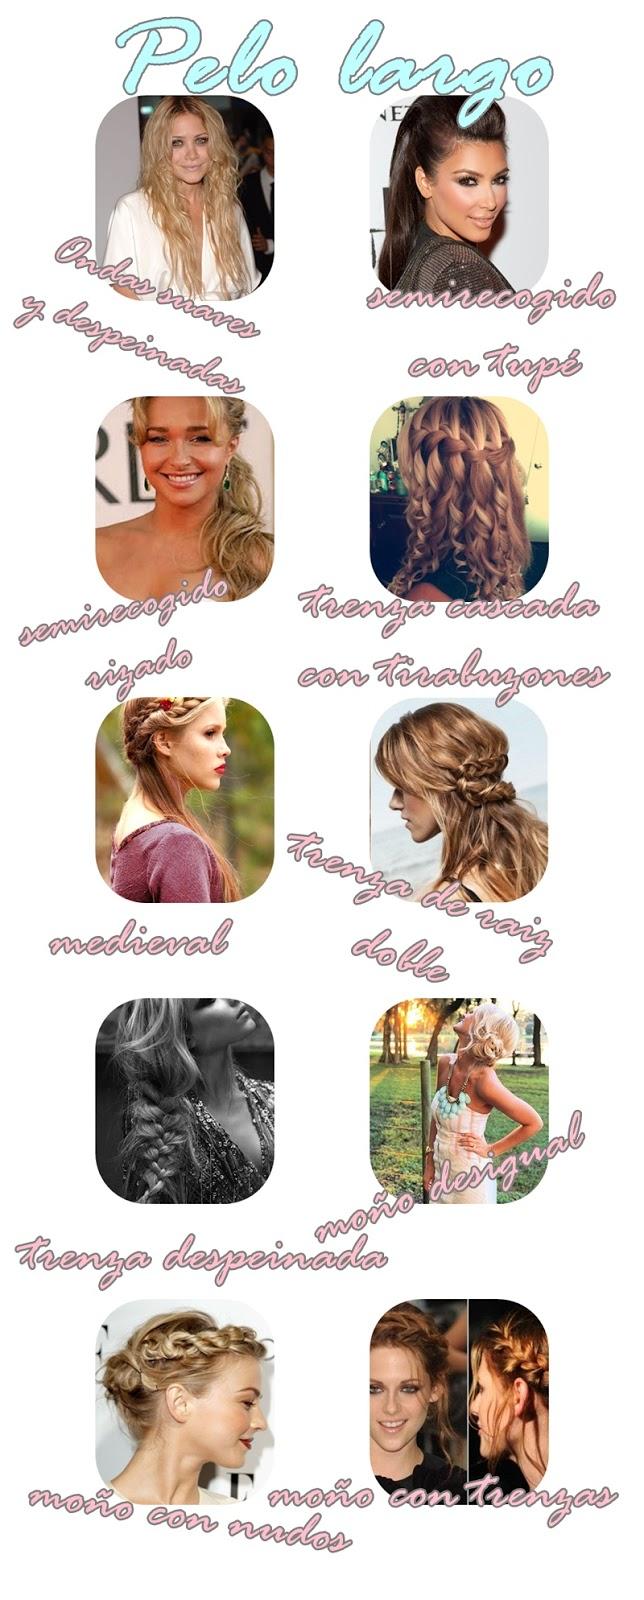 Súper fácil peinados nochebuena Imagen De Cortes De Pelo Tendencias - Orchid style: peinados nochevieja, nochebuena, fiestas ...